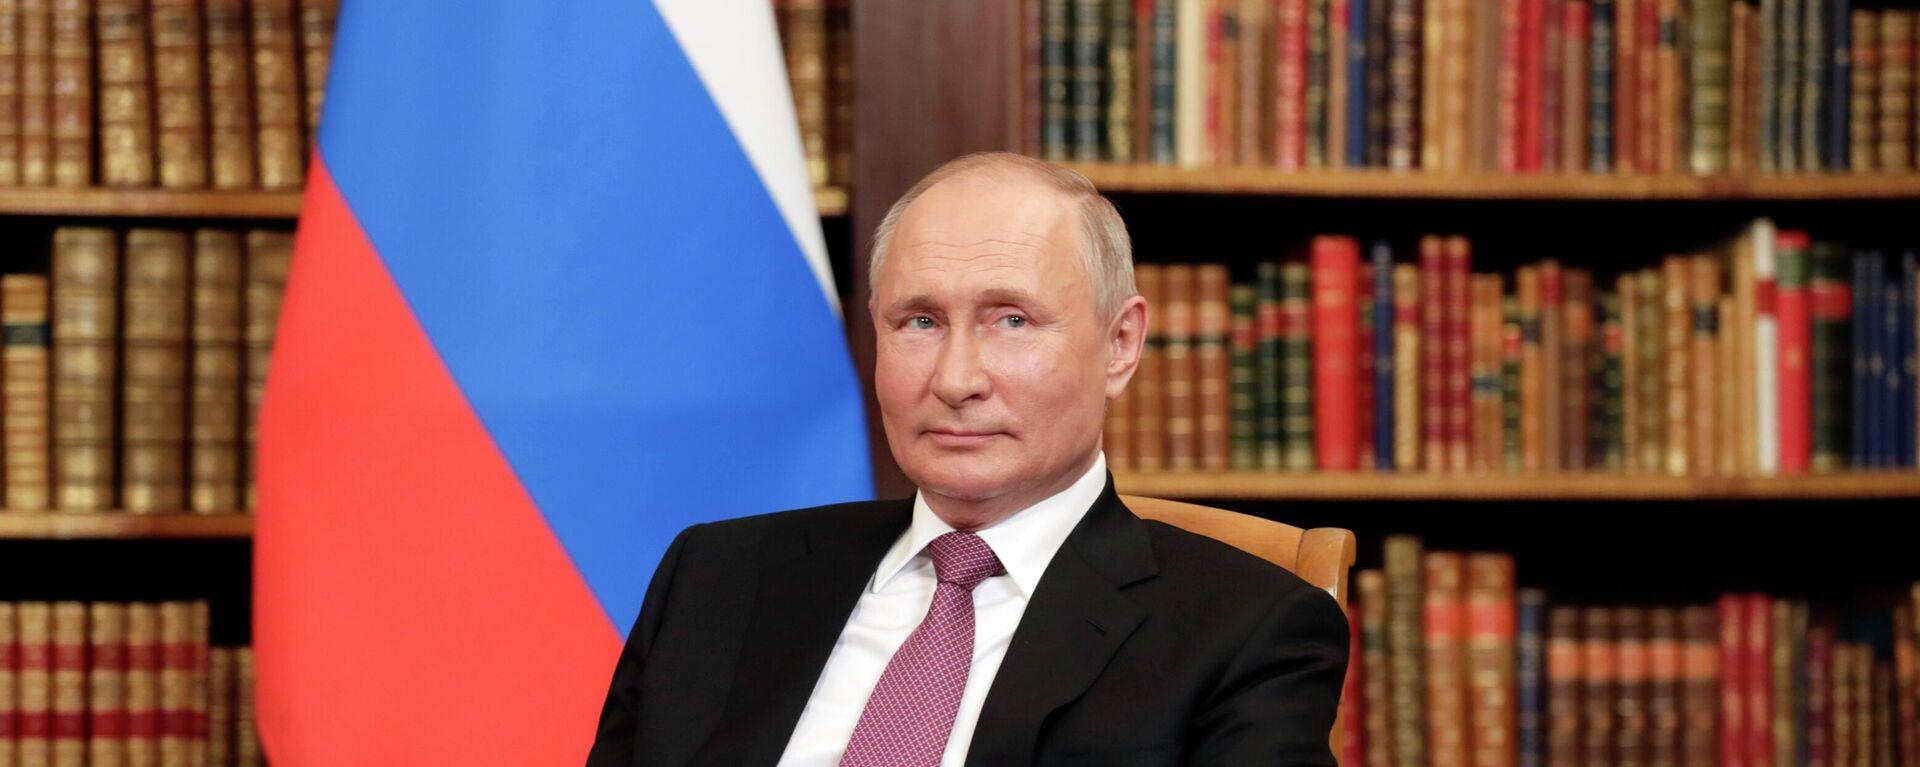 Ο Βλαντίμιρ Πούτιν στη συνάντηση με τον Τζο Μπάιντεν στη Γενεύη - Sputnik Ελλάδα, 1920, 02.07.2021